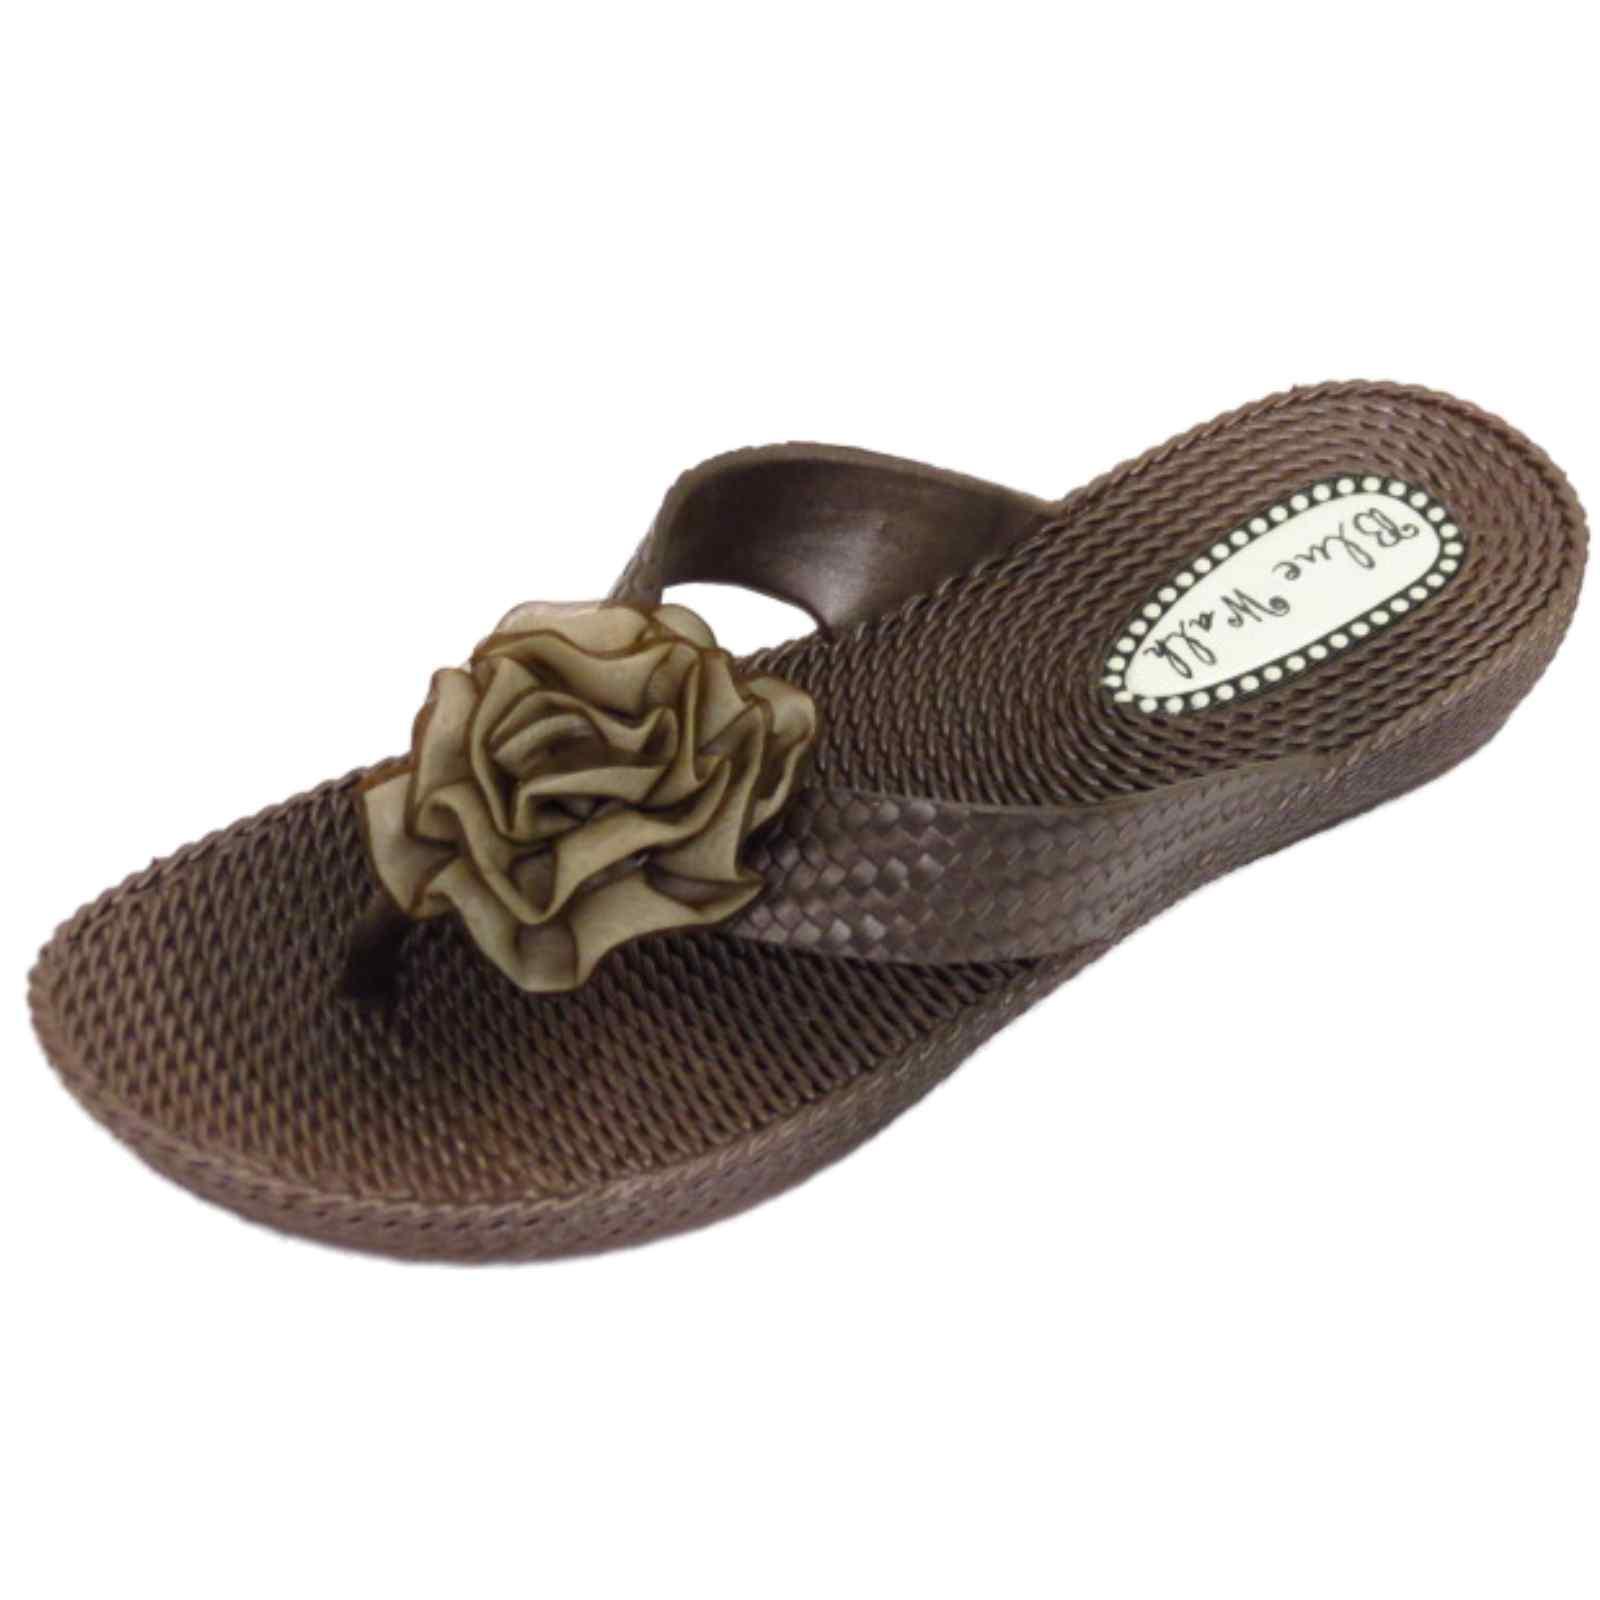 Mujer-Plano-Marron-Con-Tira-Sandalias-Chanclas-Playa-Sin-Cordones-flor-zapatos